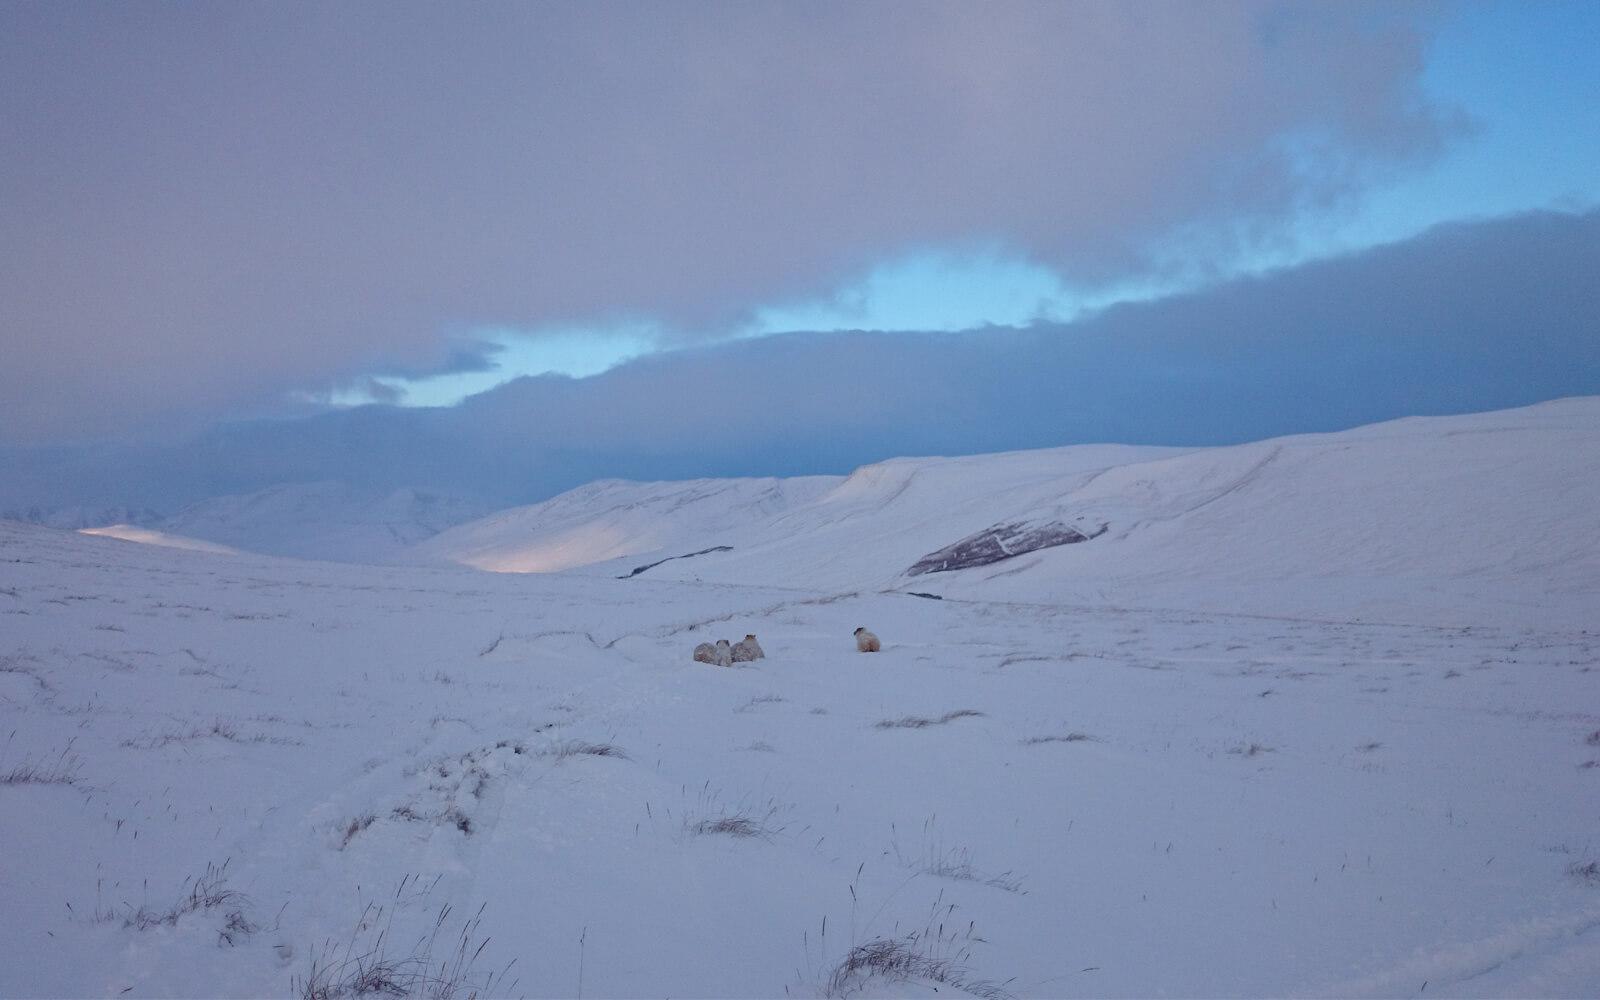 Schafe in einer isländischen Schneelandschaft